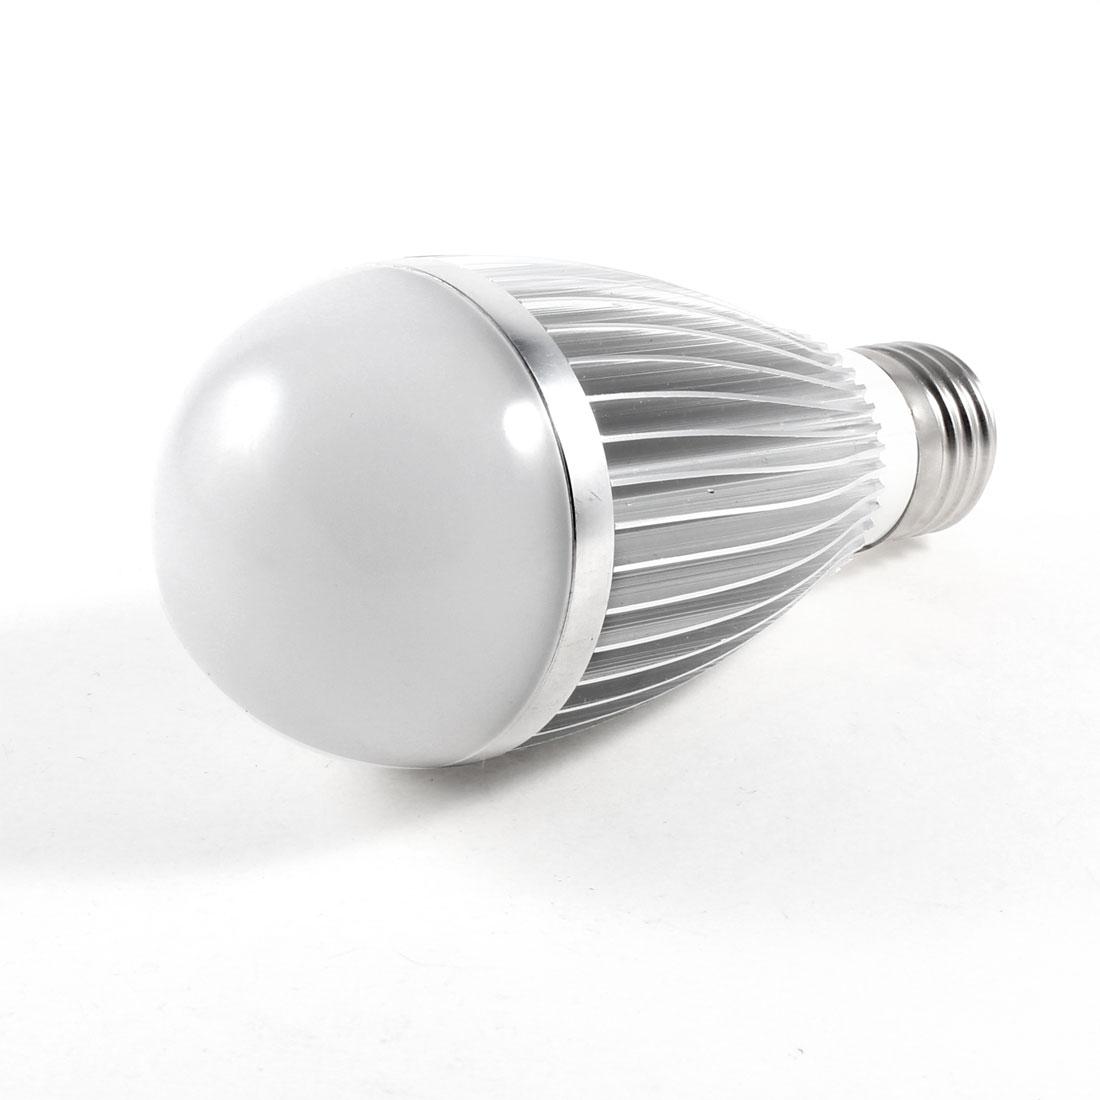 E27 Screw Base Energy Saving White LED Ball Bulb Lamp Light AC 220V 7W